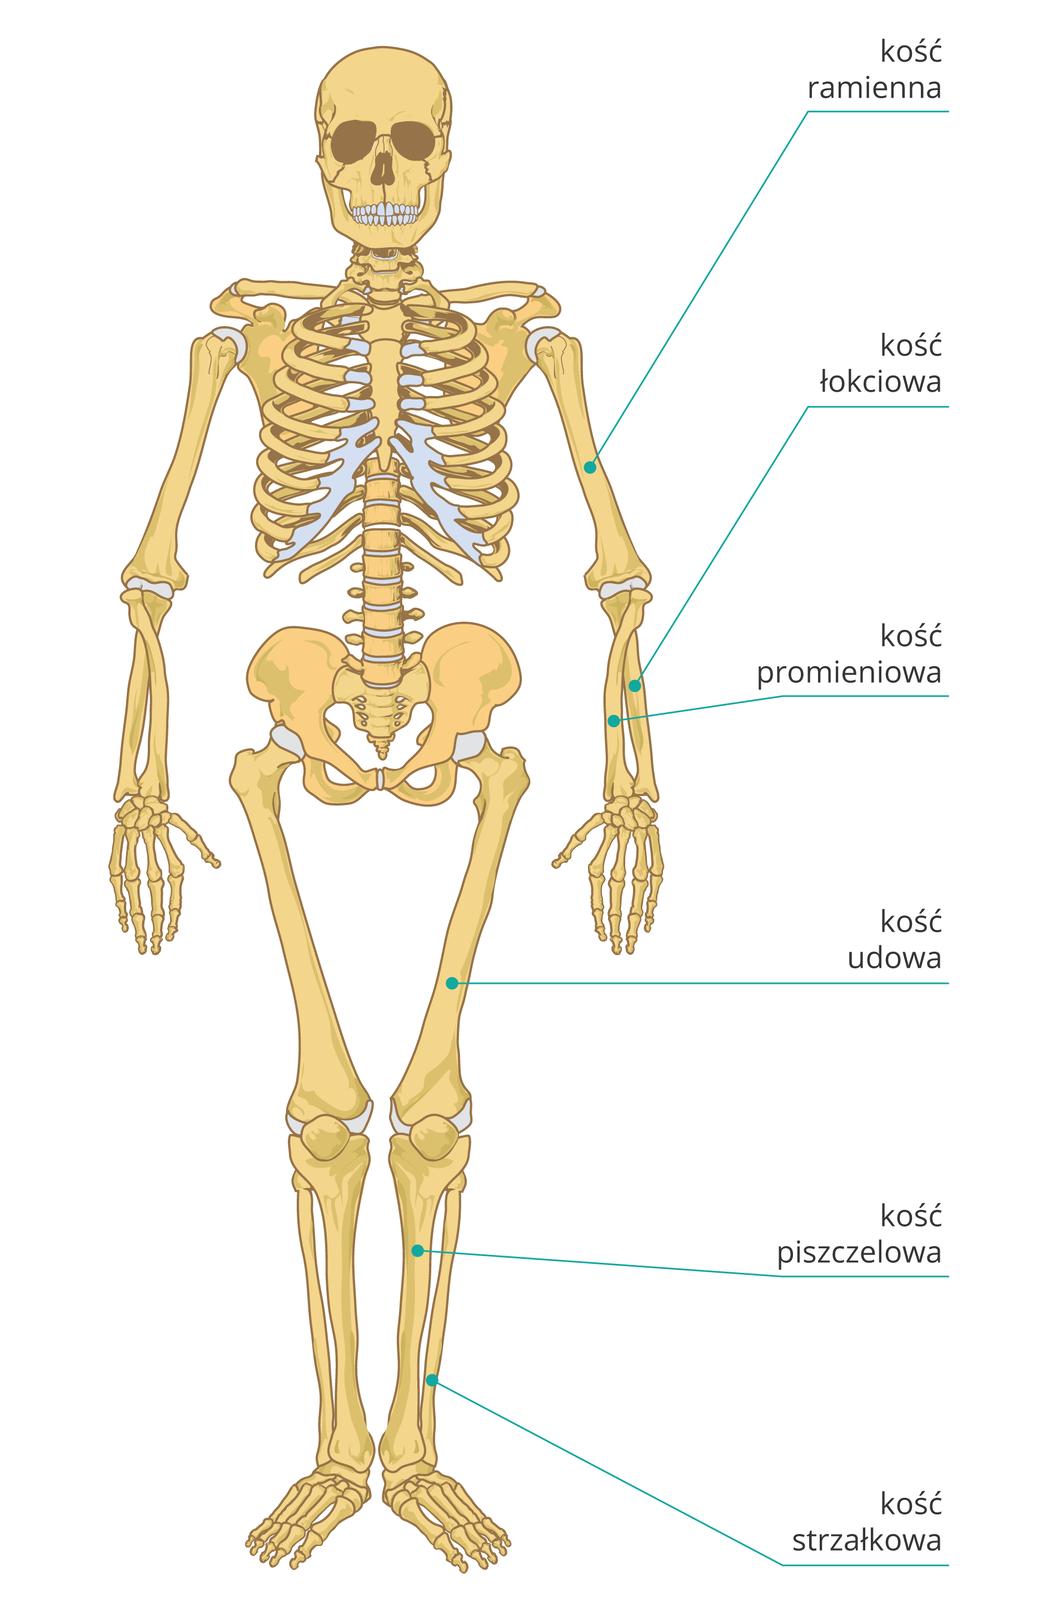 Ilustracja przedstawia szkielet kostny człowieka ustawiony przodem do obserwatora. Najważniejsze inajbardziej narażone na złamanie kości kończyn opisane są po prawej stronie. Wyróżniono sześć kości, licząc od góry: na ręce kość ramienną powyżej łokcia, kości łokciową ipromieniową poniżej łokcia, na nodze kość udową powyżej kolana oraz grubszą kość piszczelową icieńszą kość strzałkową poniżej kolana.